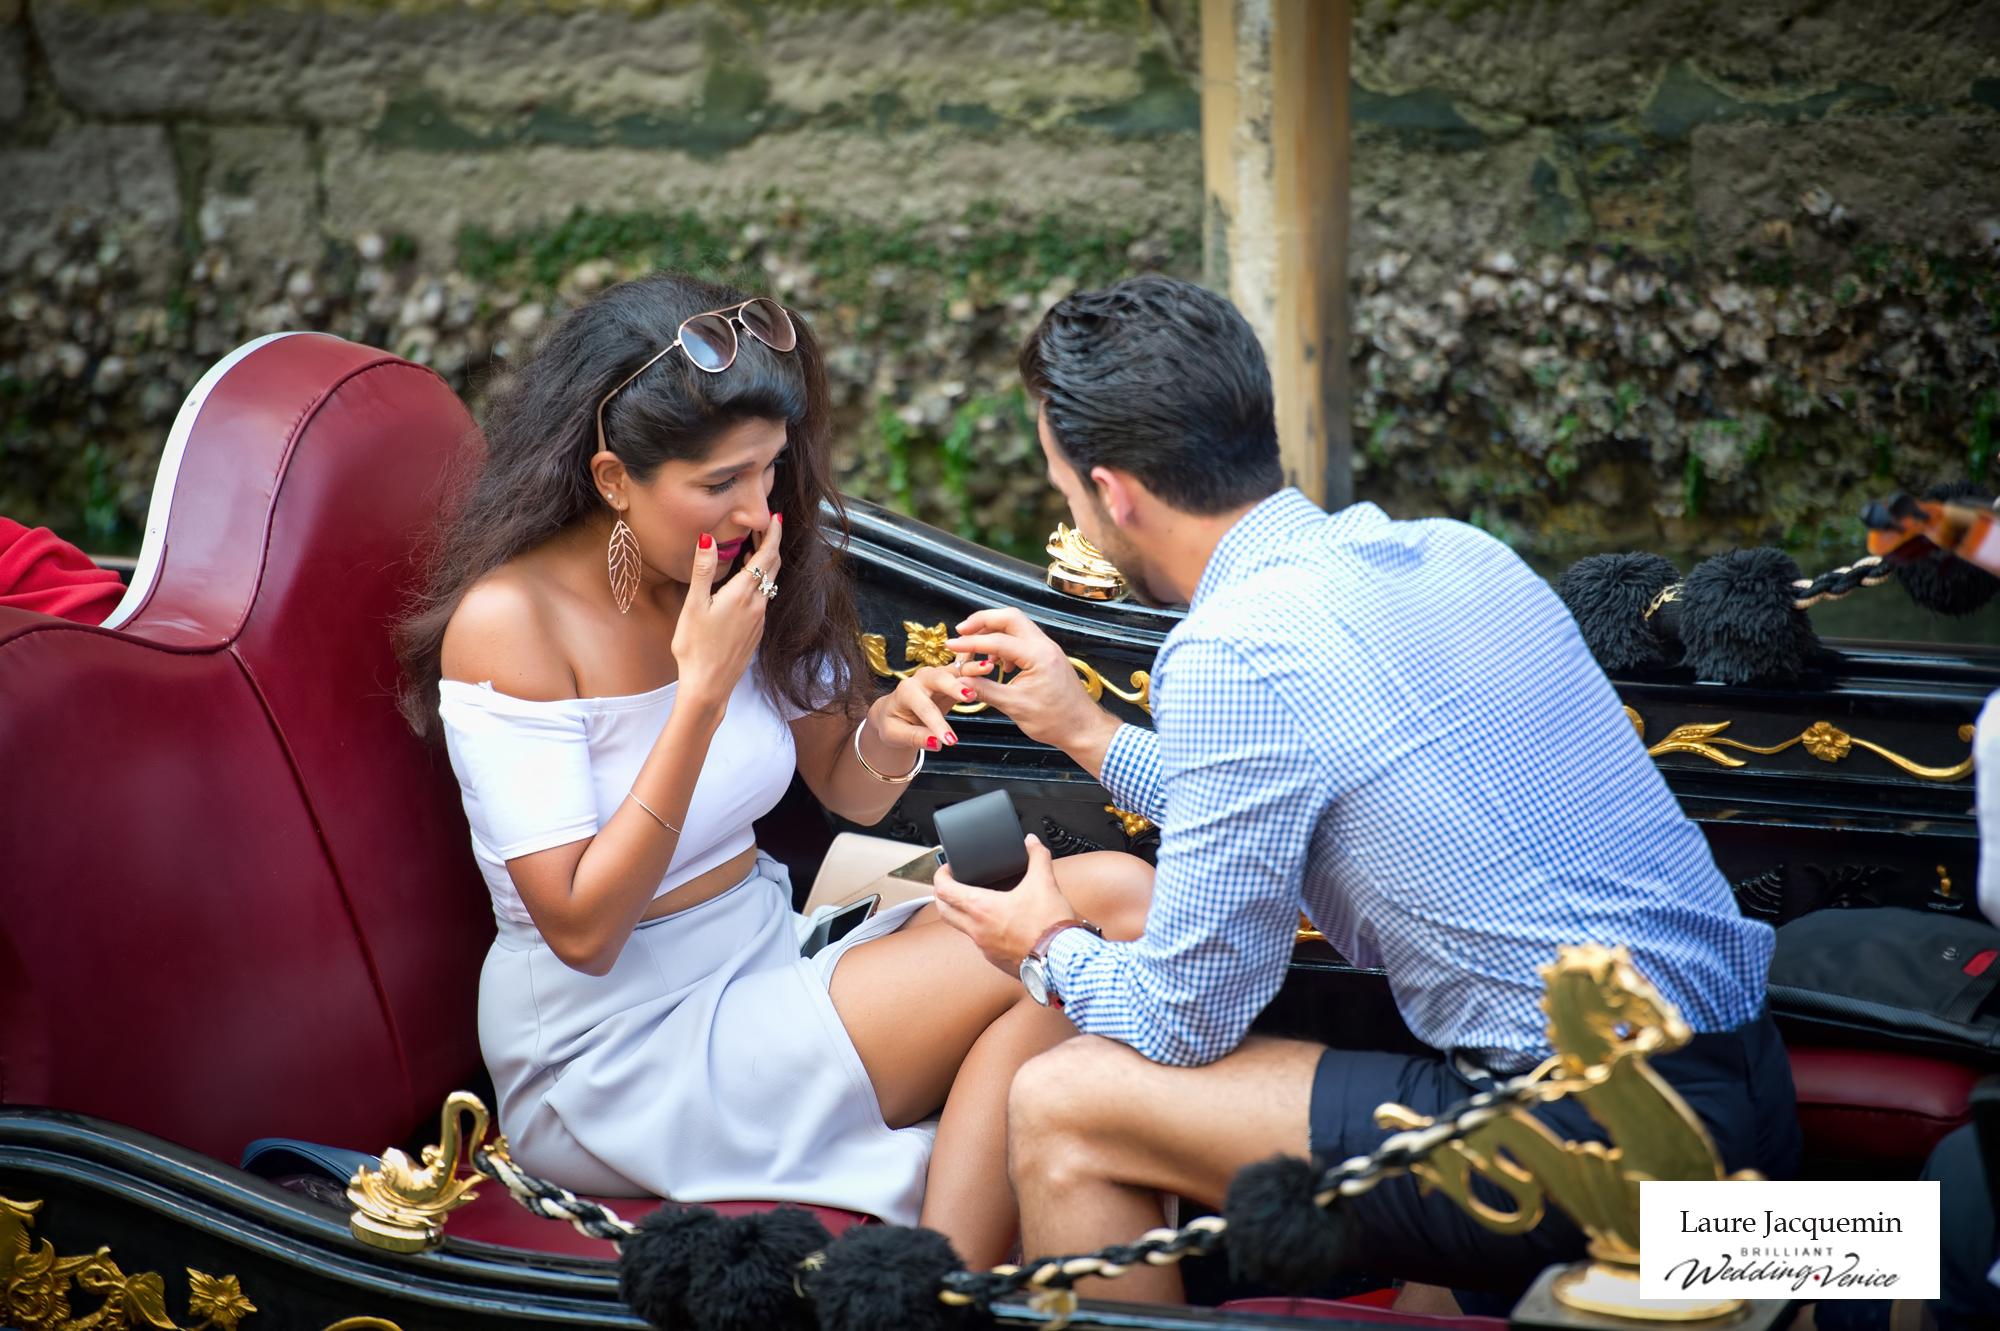 venise gondole banner fiancaille photographe demande mariage laure jacquemin (8)